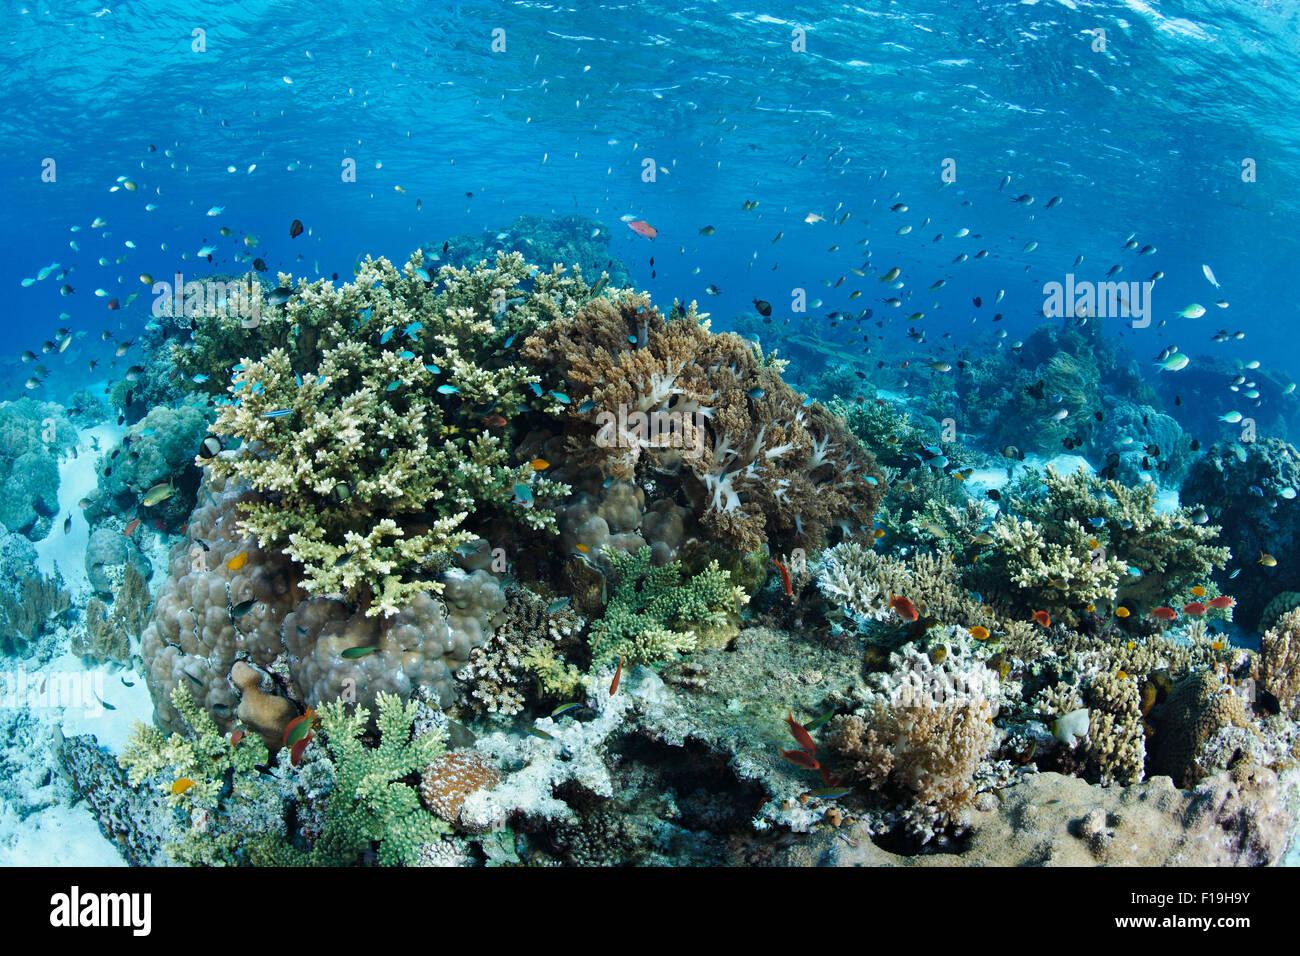 px0679-D. flaches Riff mit vielen Arten von Korallen und Fischen. Indonesien, tropischen Pazifik. Foto Copyright Stockbild